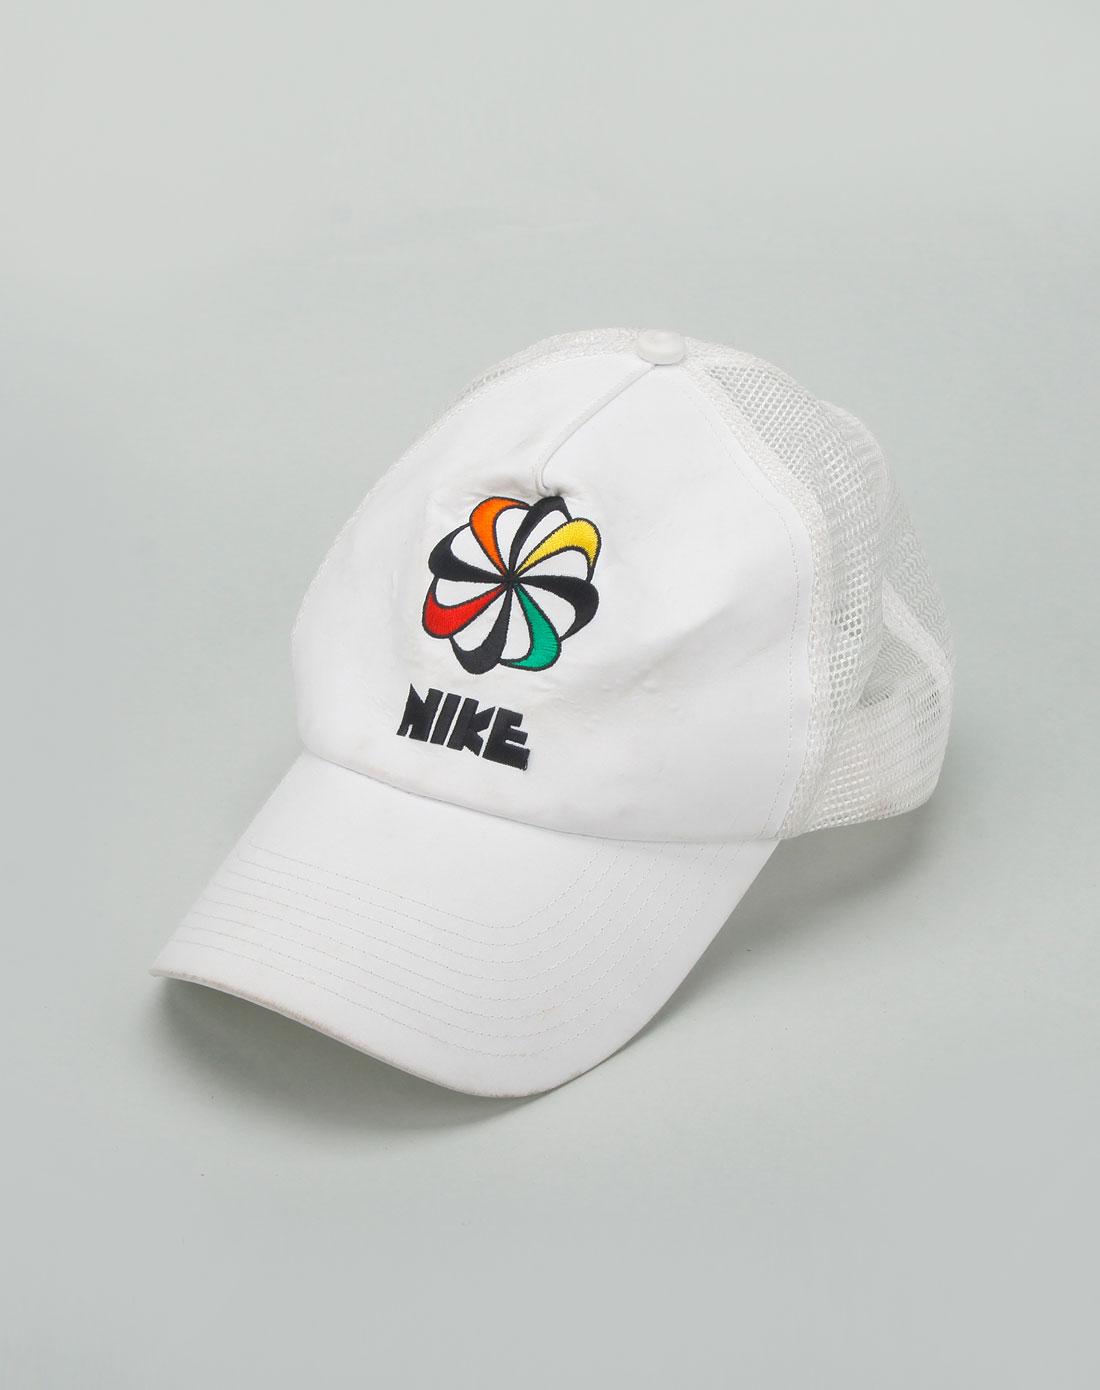 耐克nike-男装专场白色运动帽